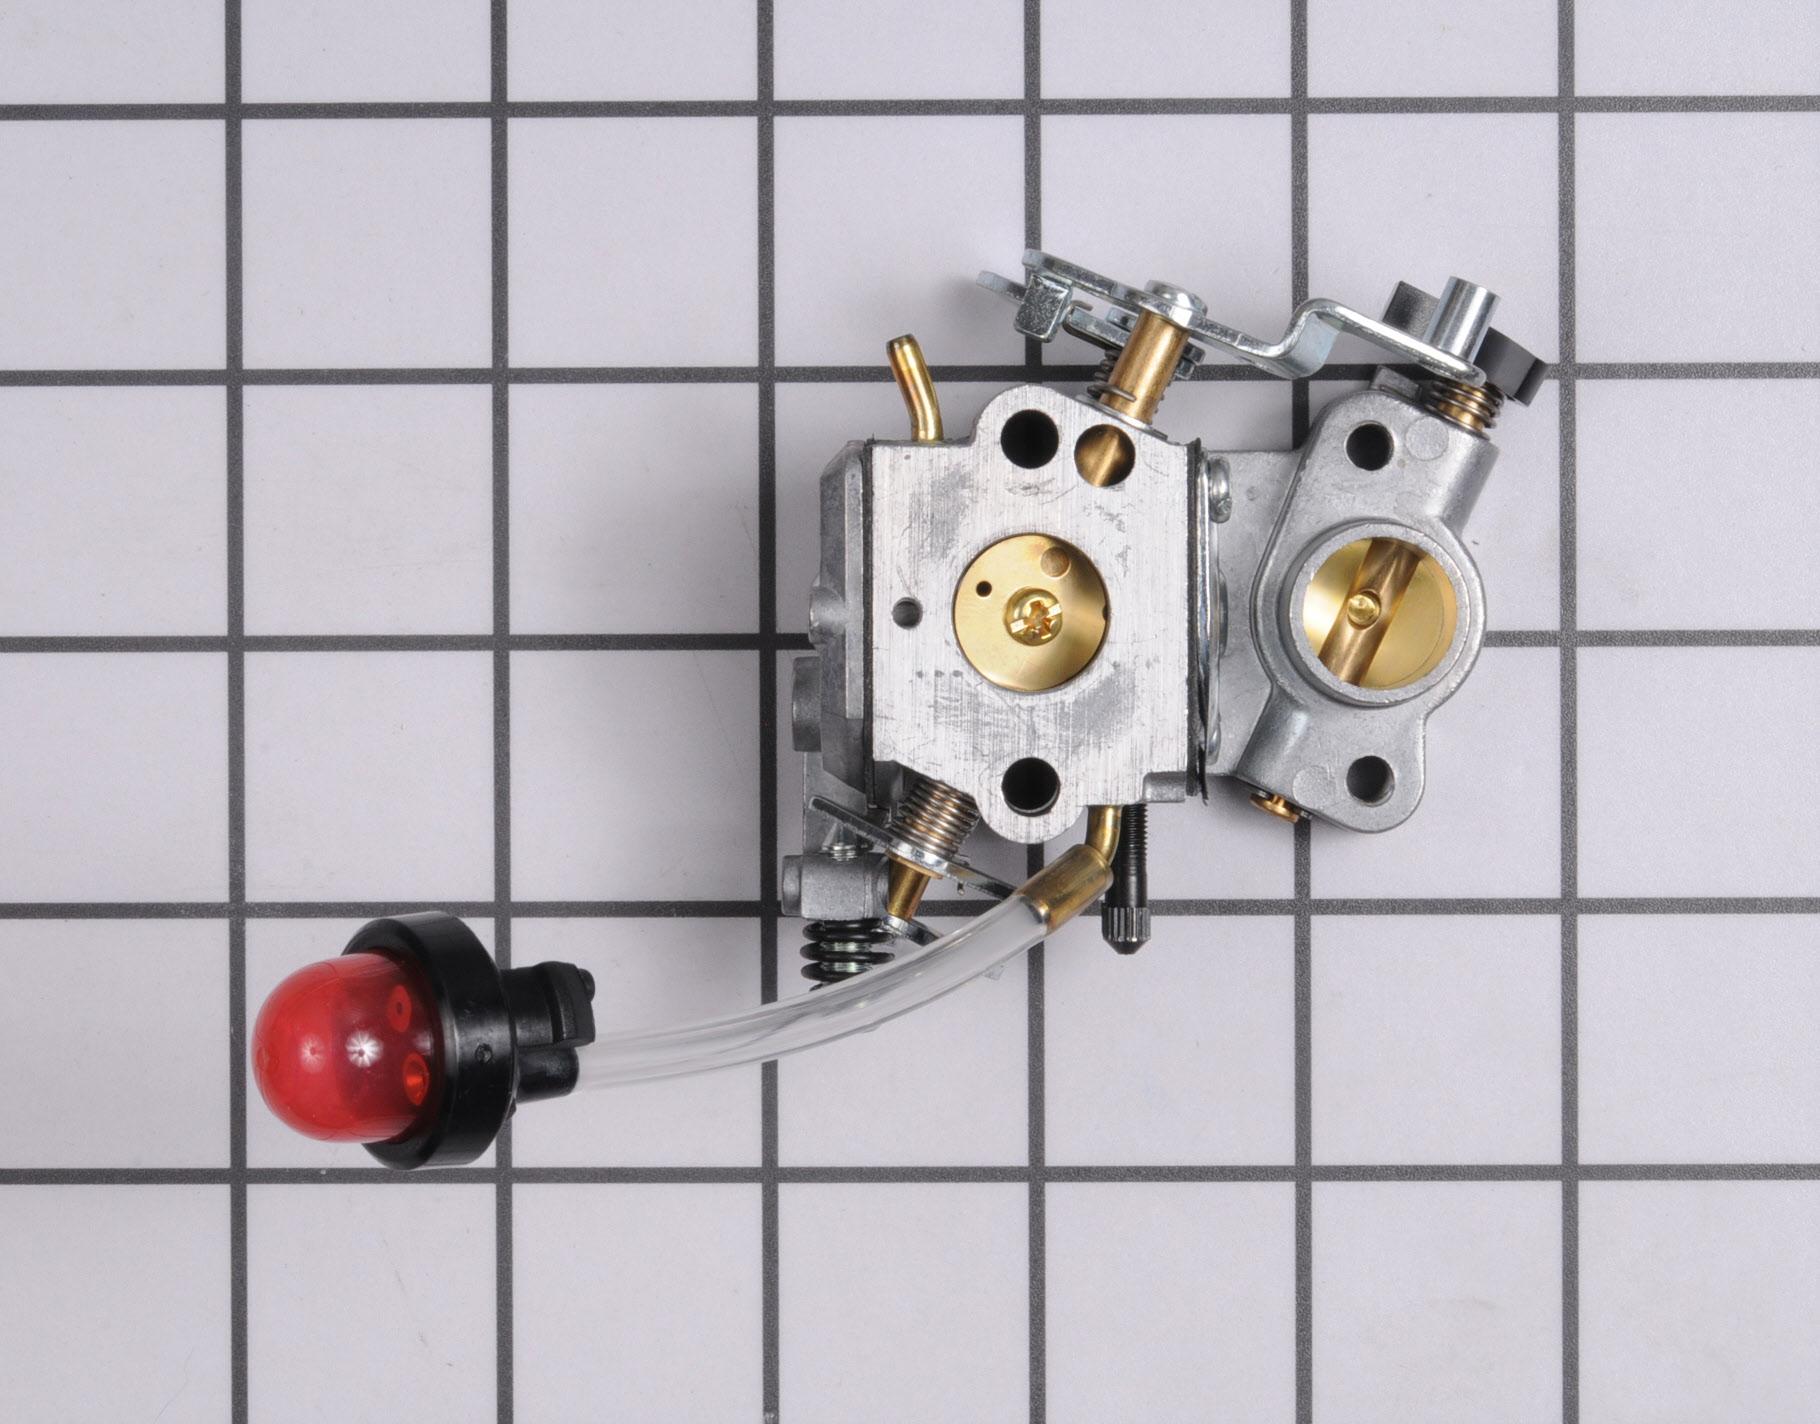 545070601 Poulan Pro Chainsaw Part -Carburetor